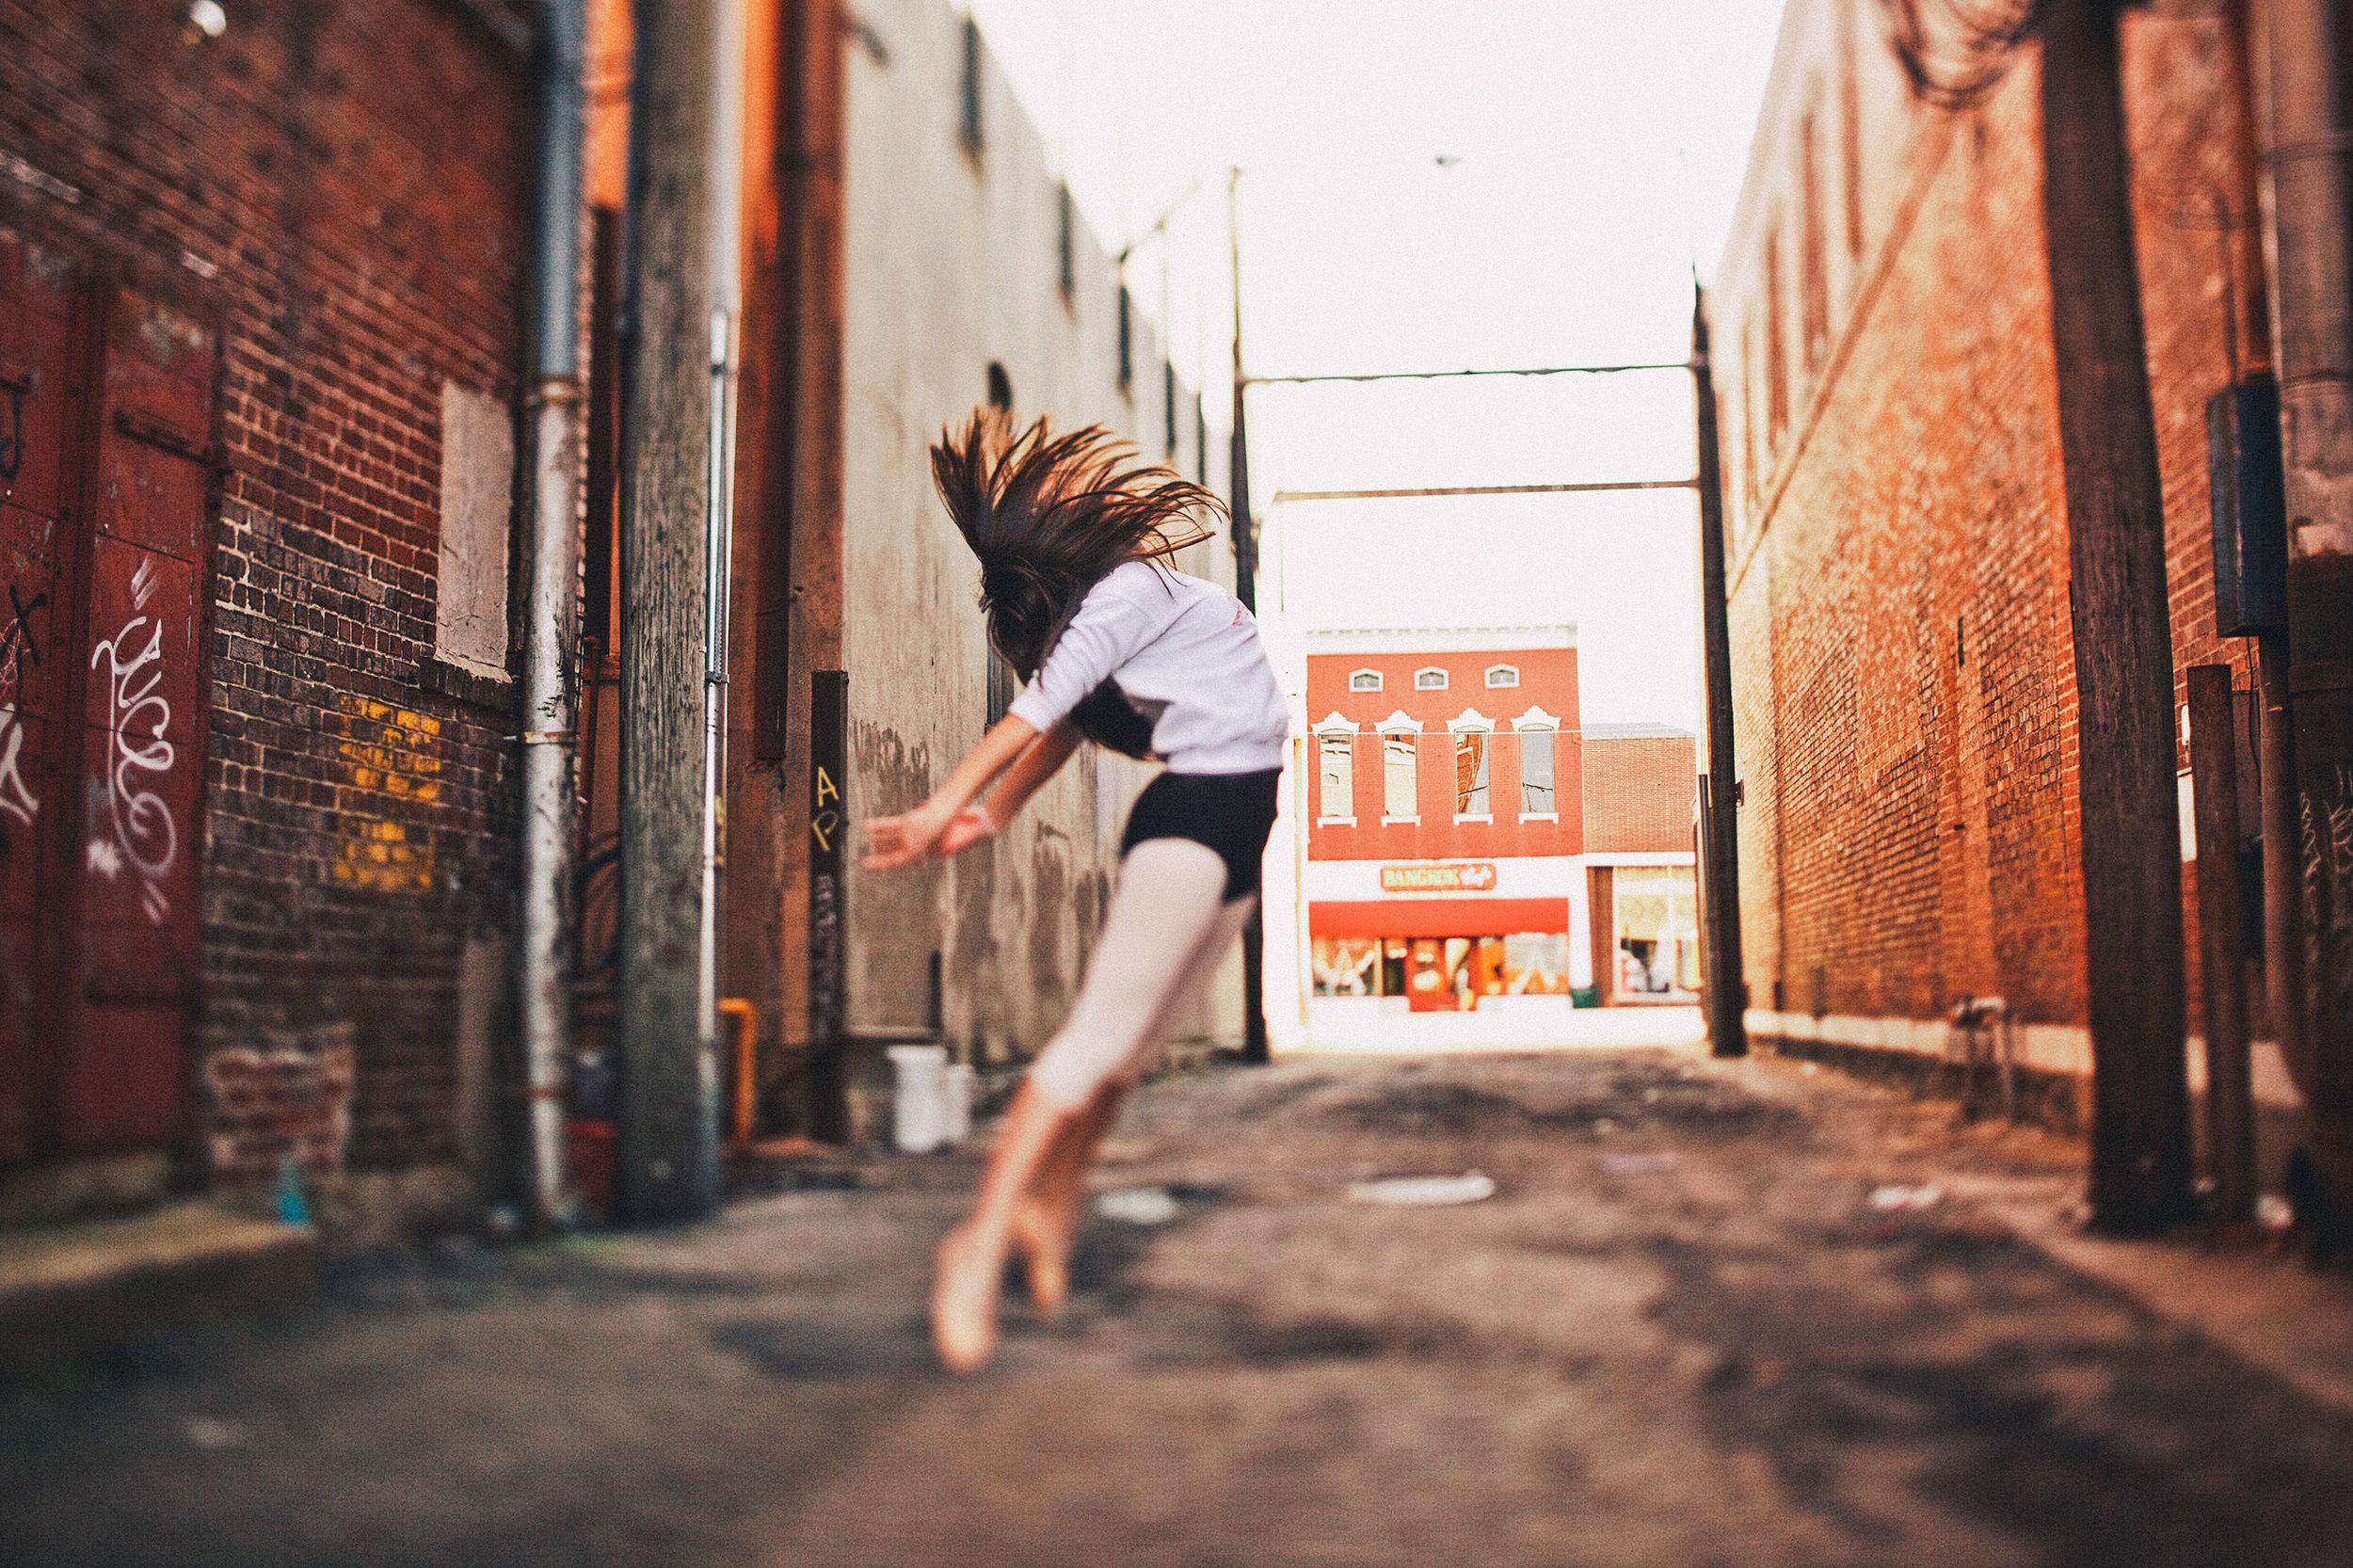 arkansas_senior_portrait_photographer_043.jpg